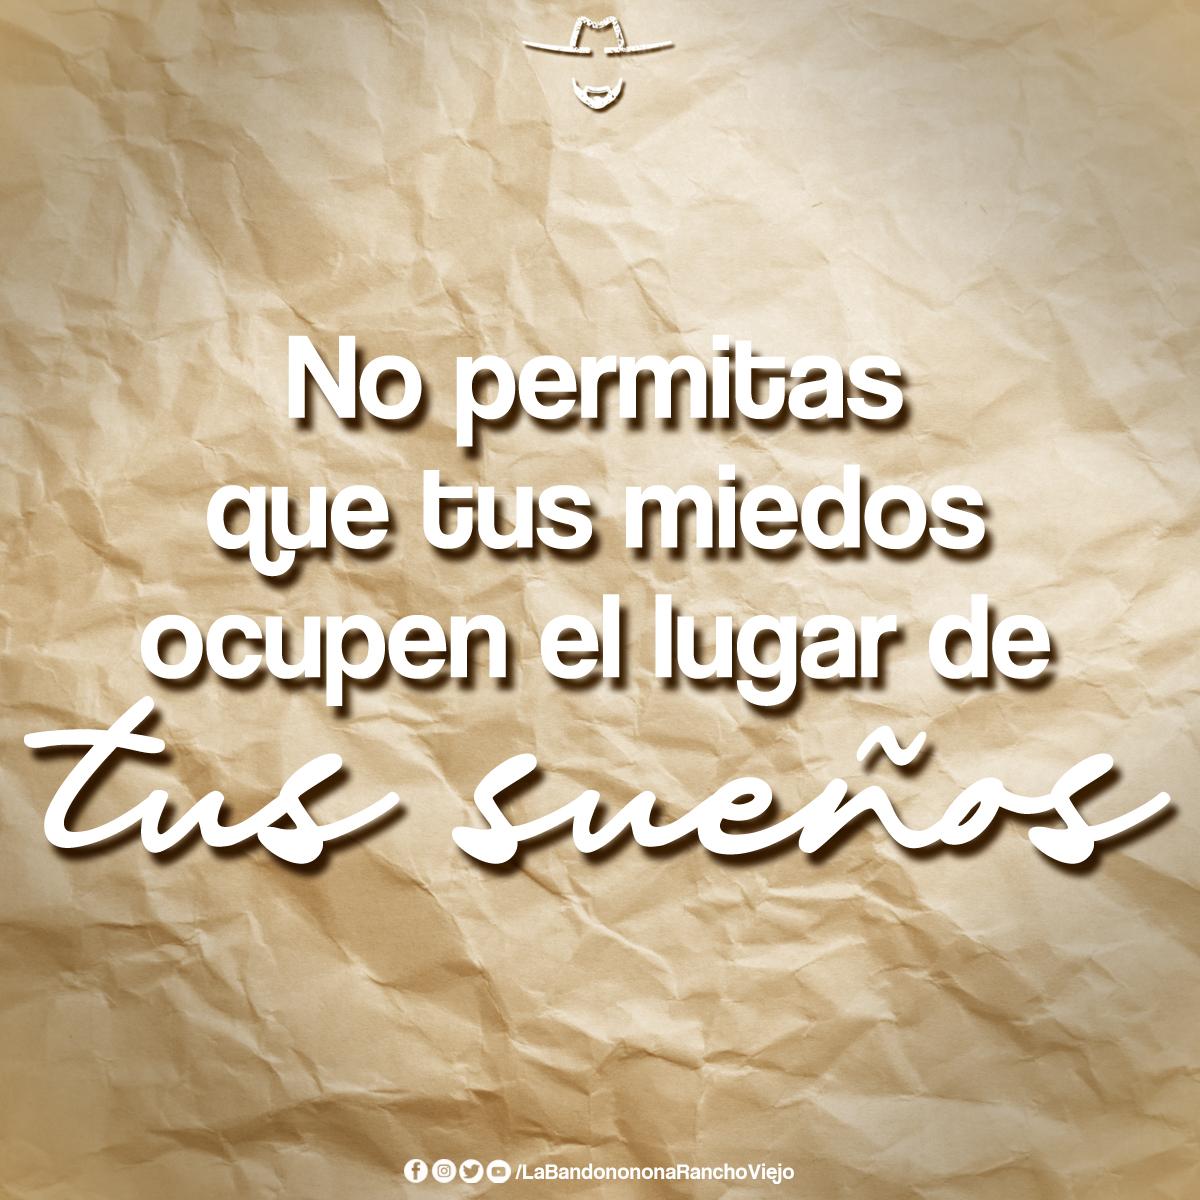 Que tus sueños sean más GRANDES🙏🤠 Síguenos👉 @B_RanchoViejo  #BuenosDias #QueLeHace #LaBandononona https://t.co/o3jEN0OBiu